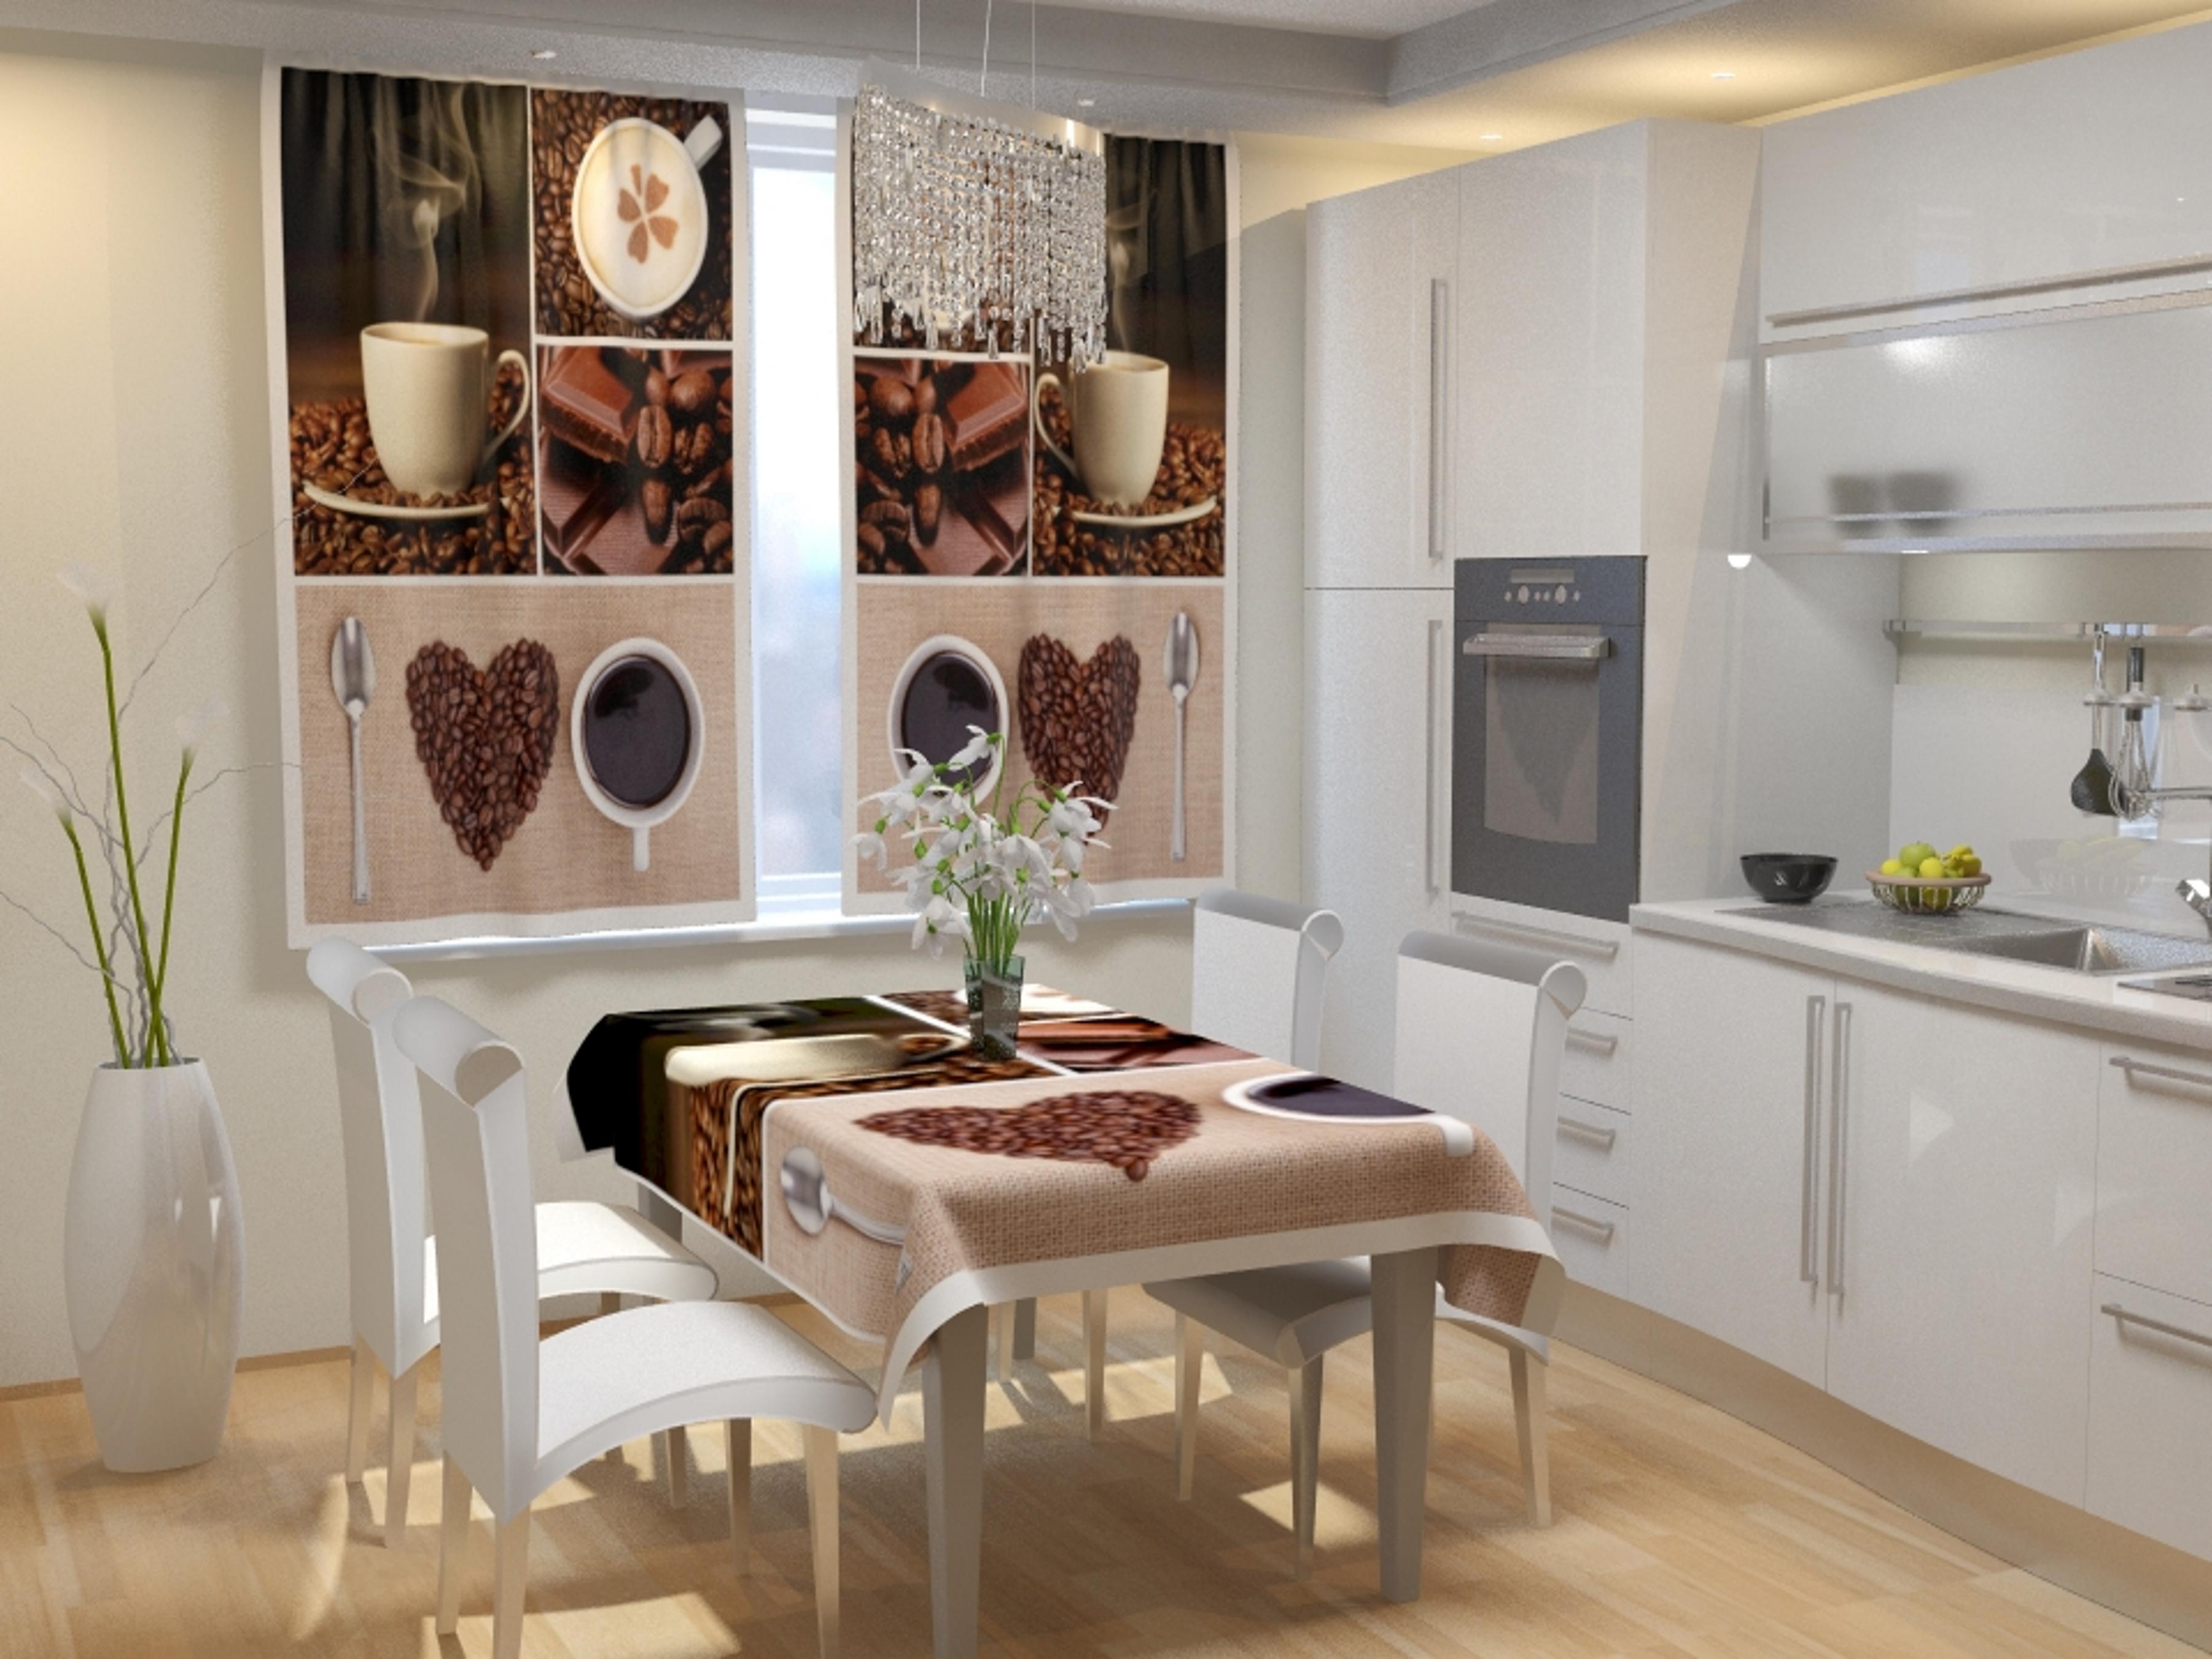 Купить Шторы Eleganta, Фотошторы для кухни Аромат Кофе, Китай, Габардин